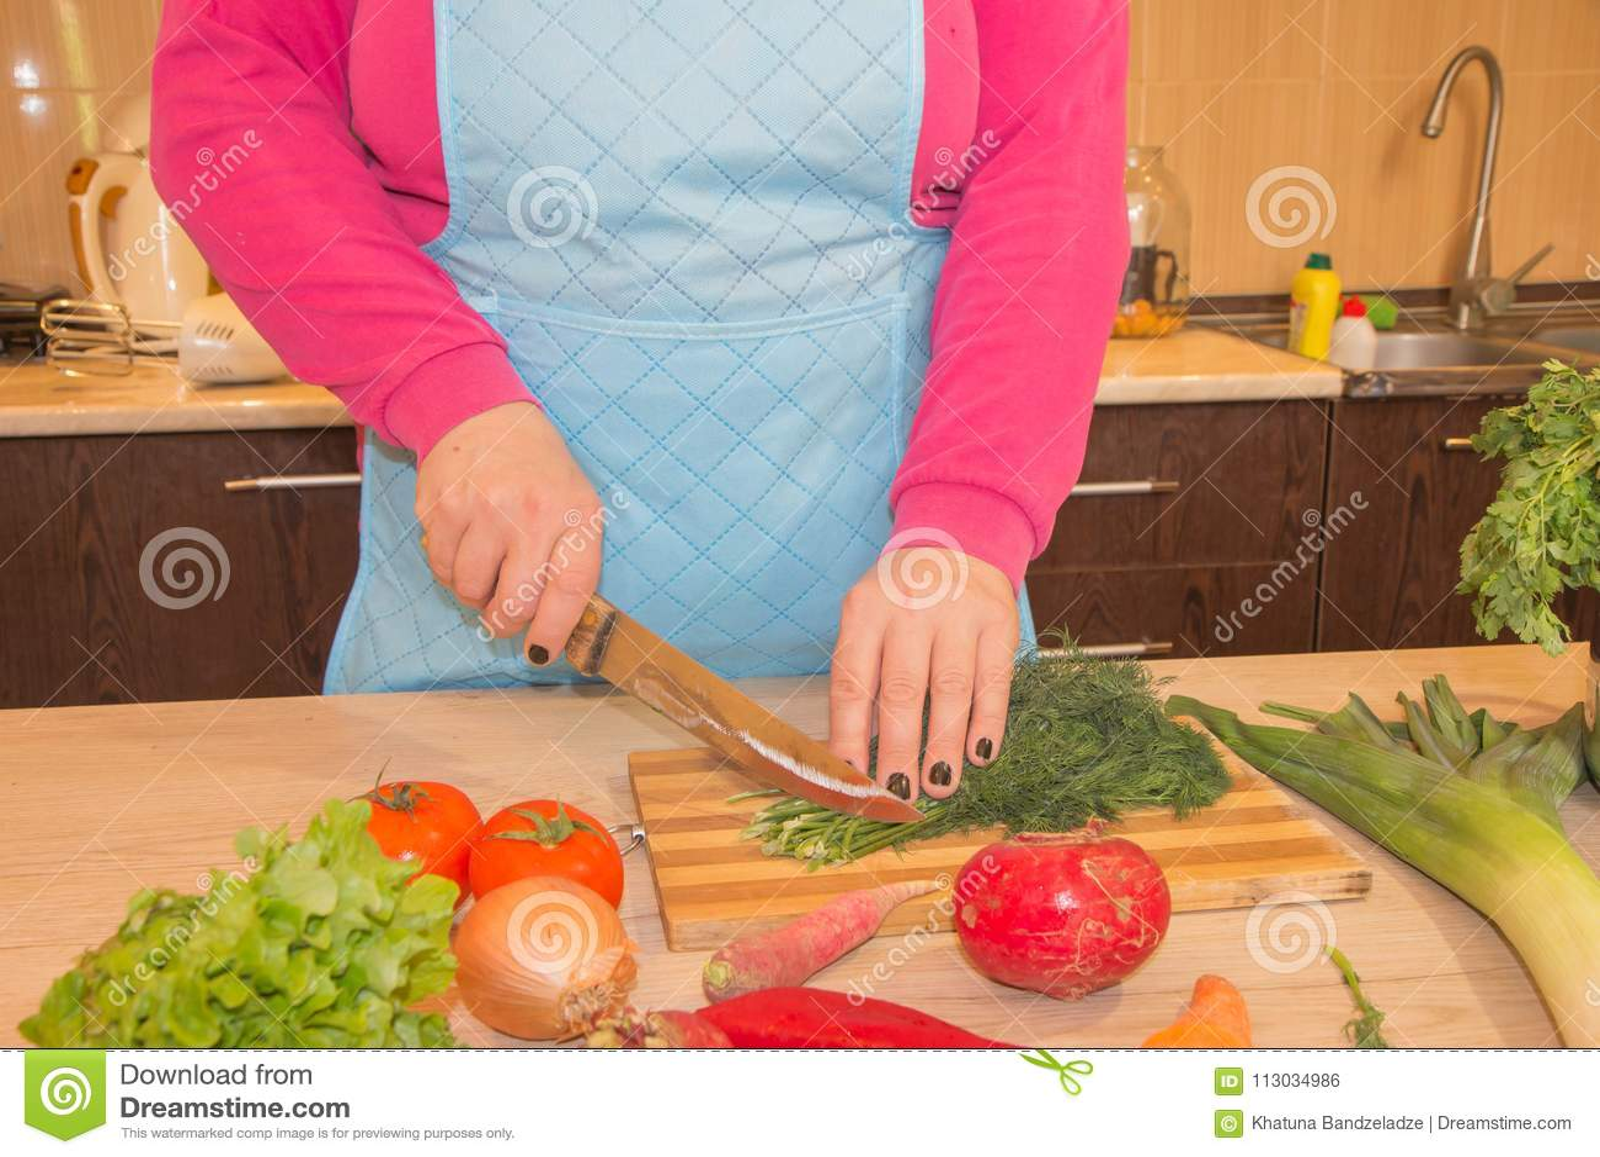 El cocinero corta las verduras en una comida Preparación de platos Una mujer utiliza un cuchillo y cocina El ` s de la mujer da c